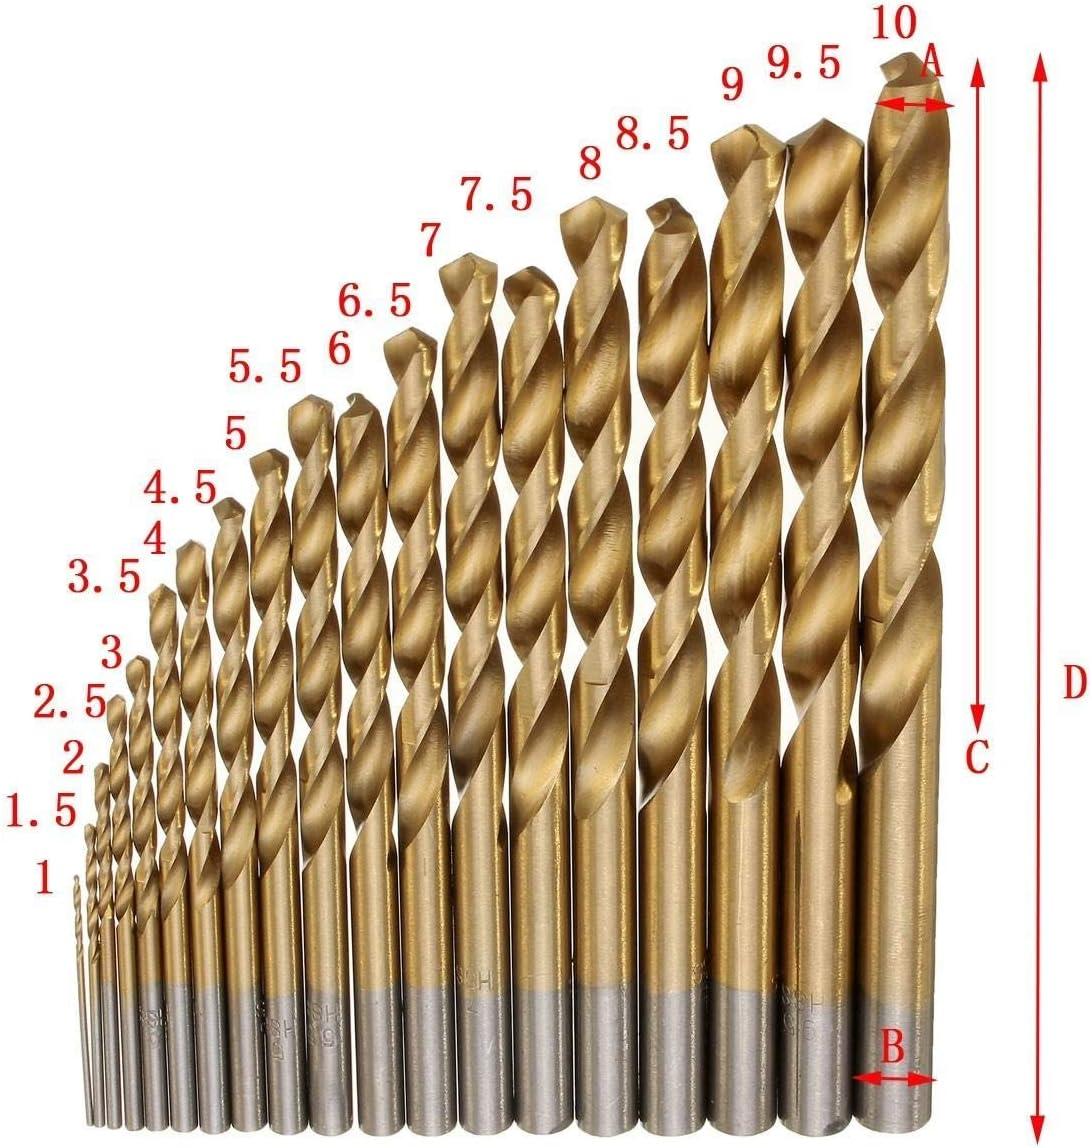 HH-HL Industrial Rotary Drill 19pcs1-10mm HSS Titanium Coated Twist Drill Bit Set Straight Shank Twist Drill for Metal Wood Drilling Drill Accessories Drill Bits Cutting